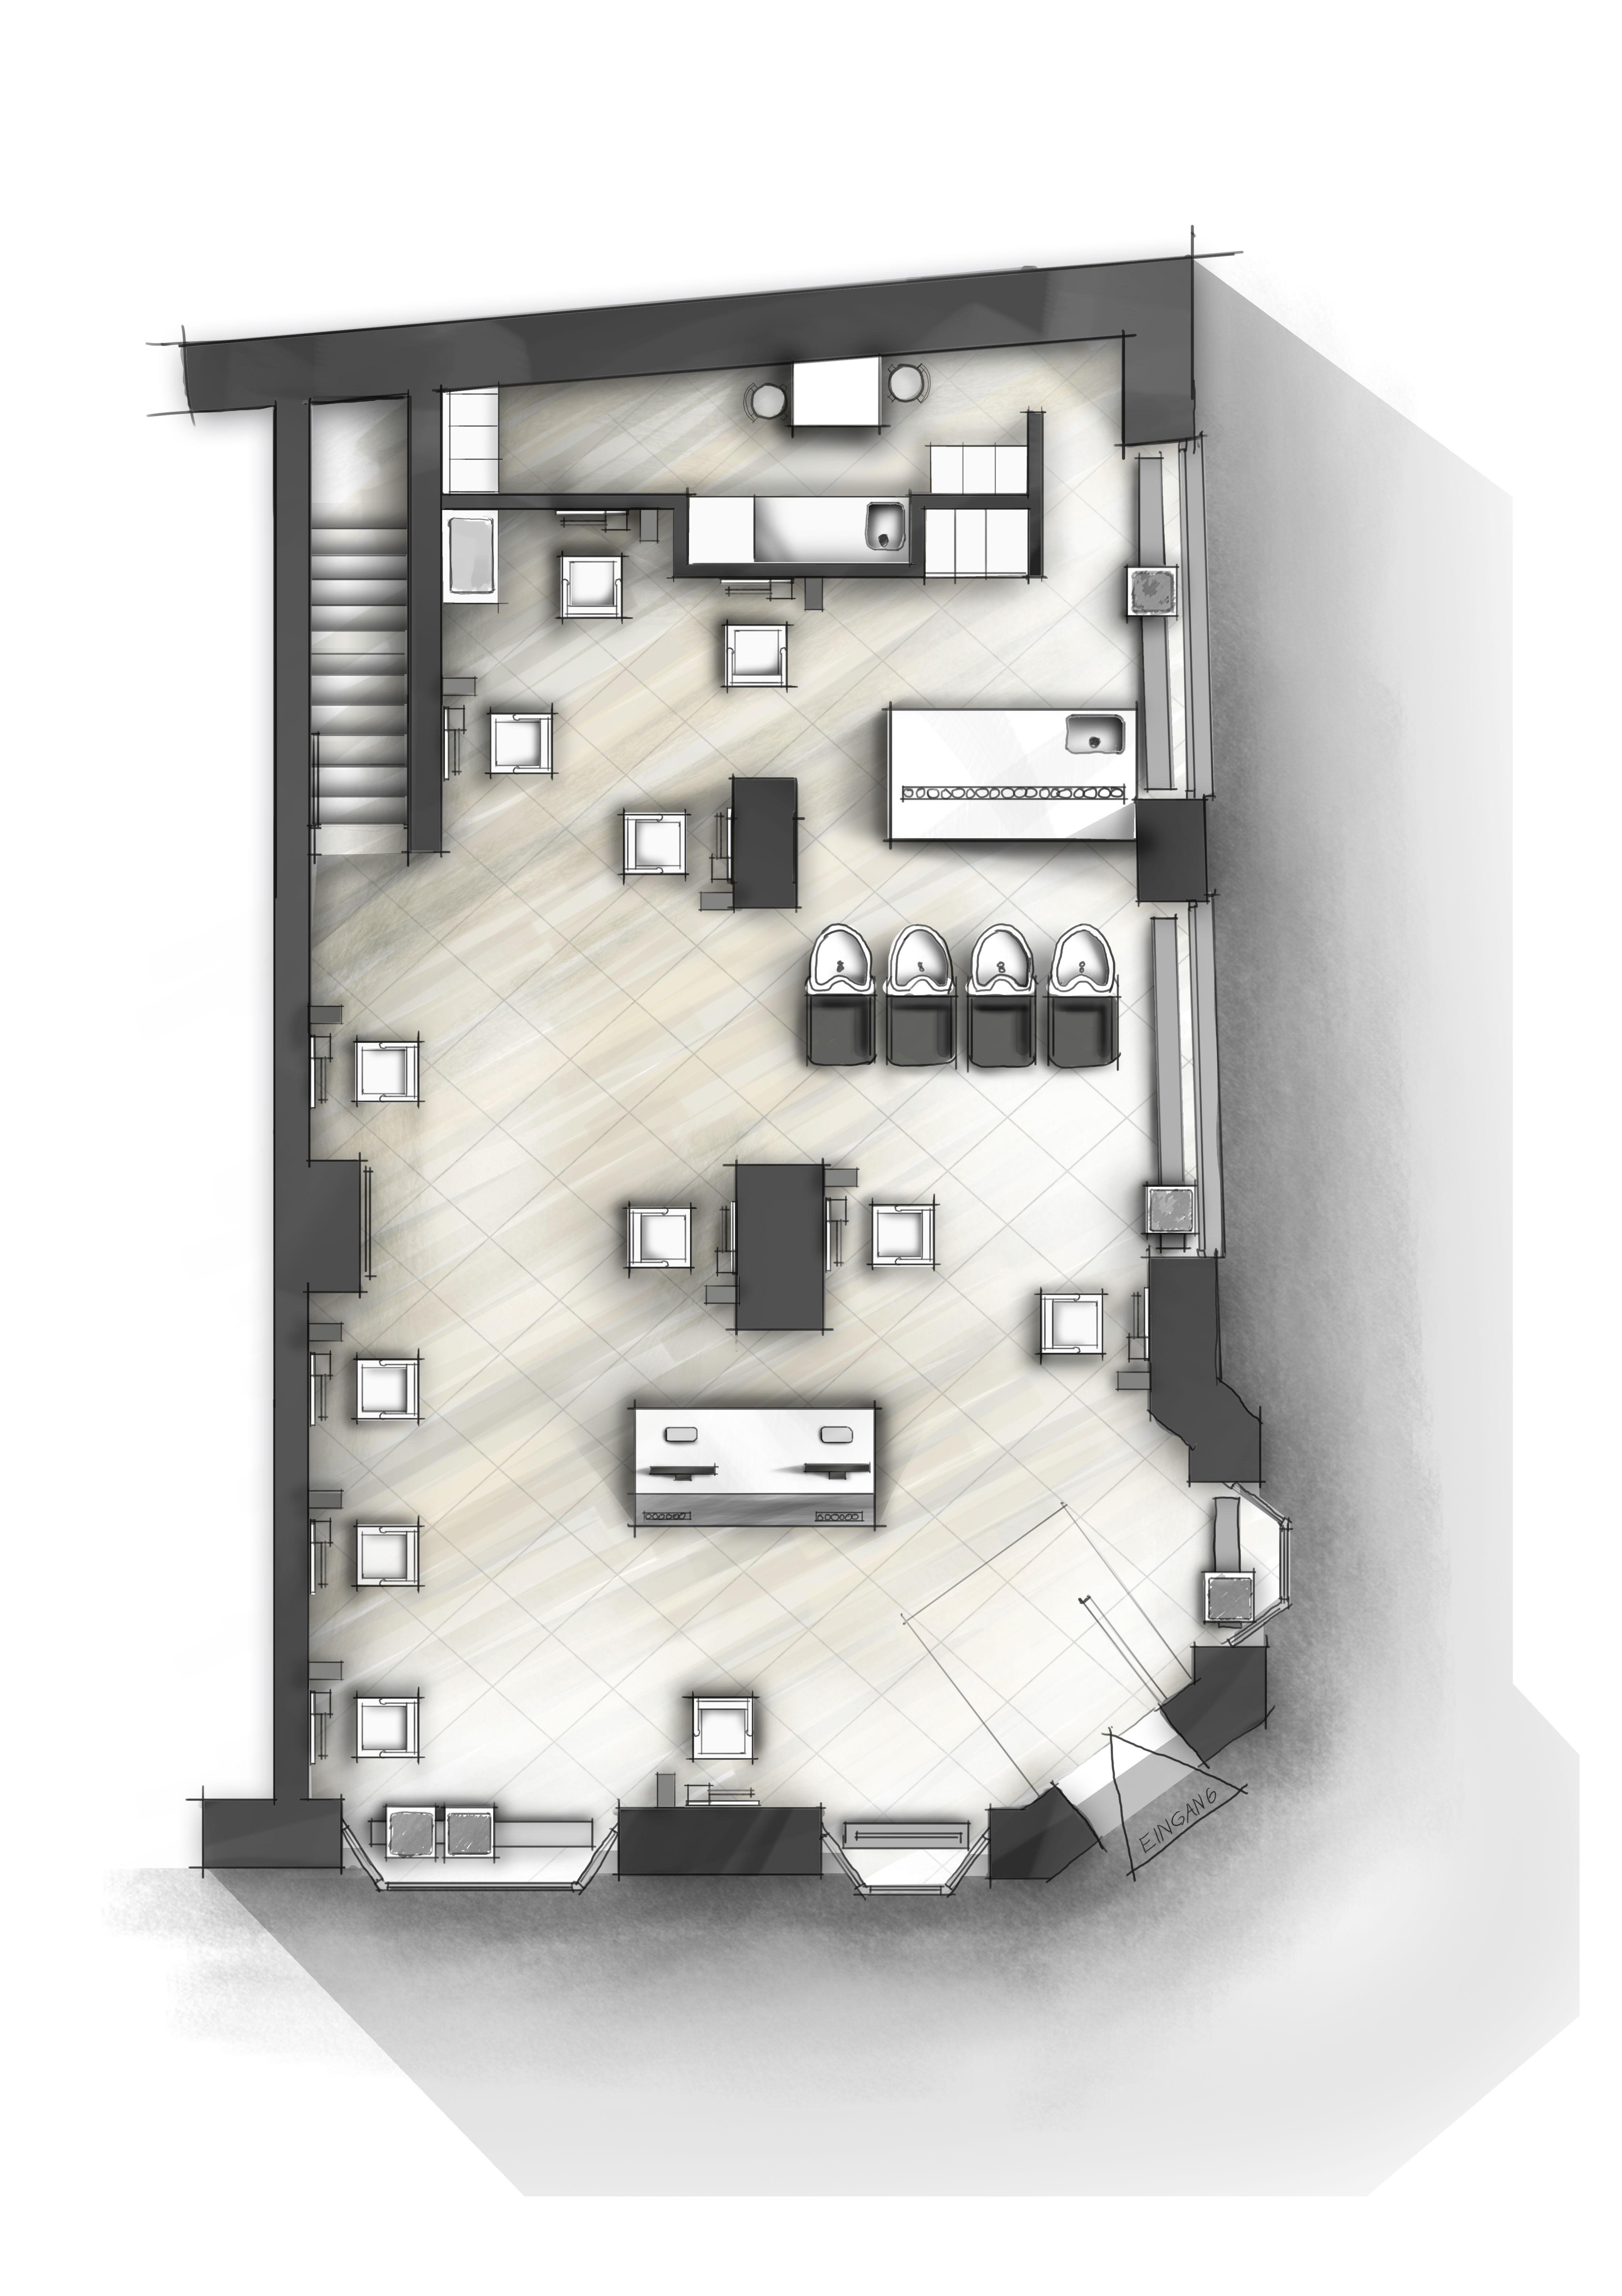 Kolorierter Grundriss I Plangrafik innenarchitektur